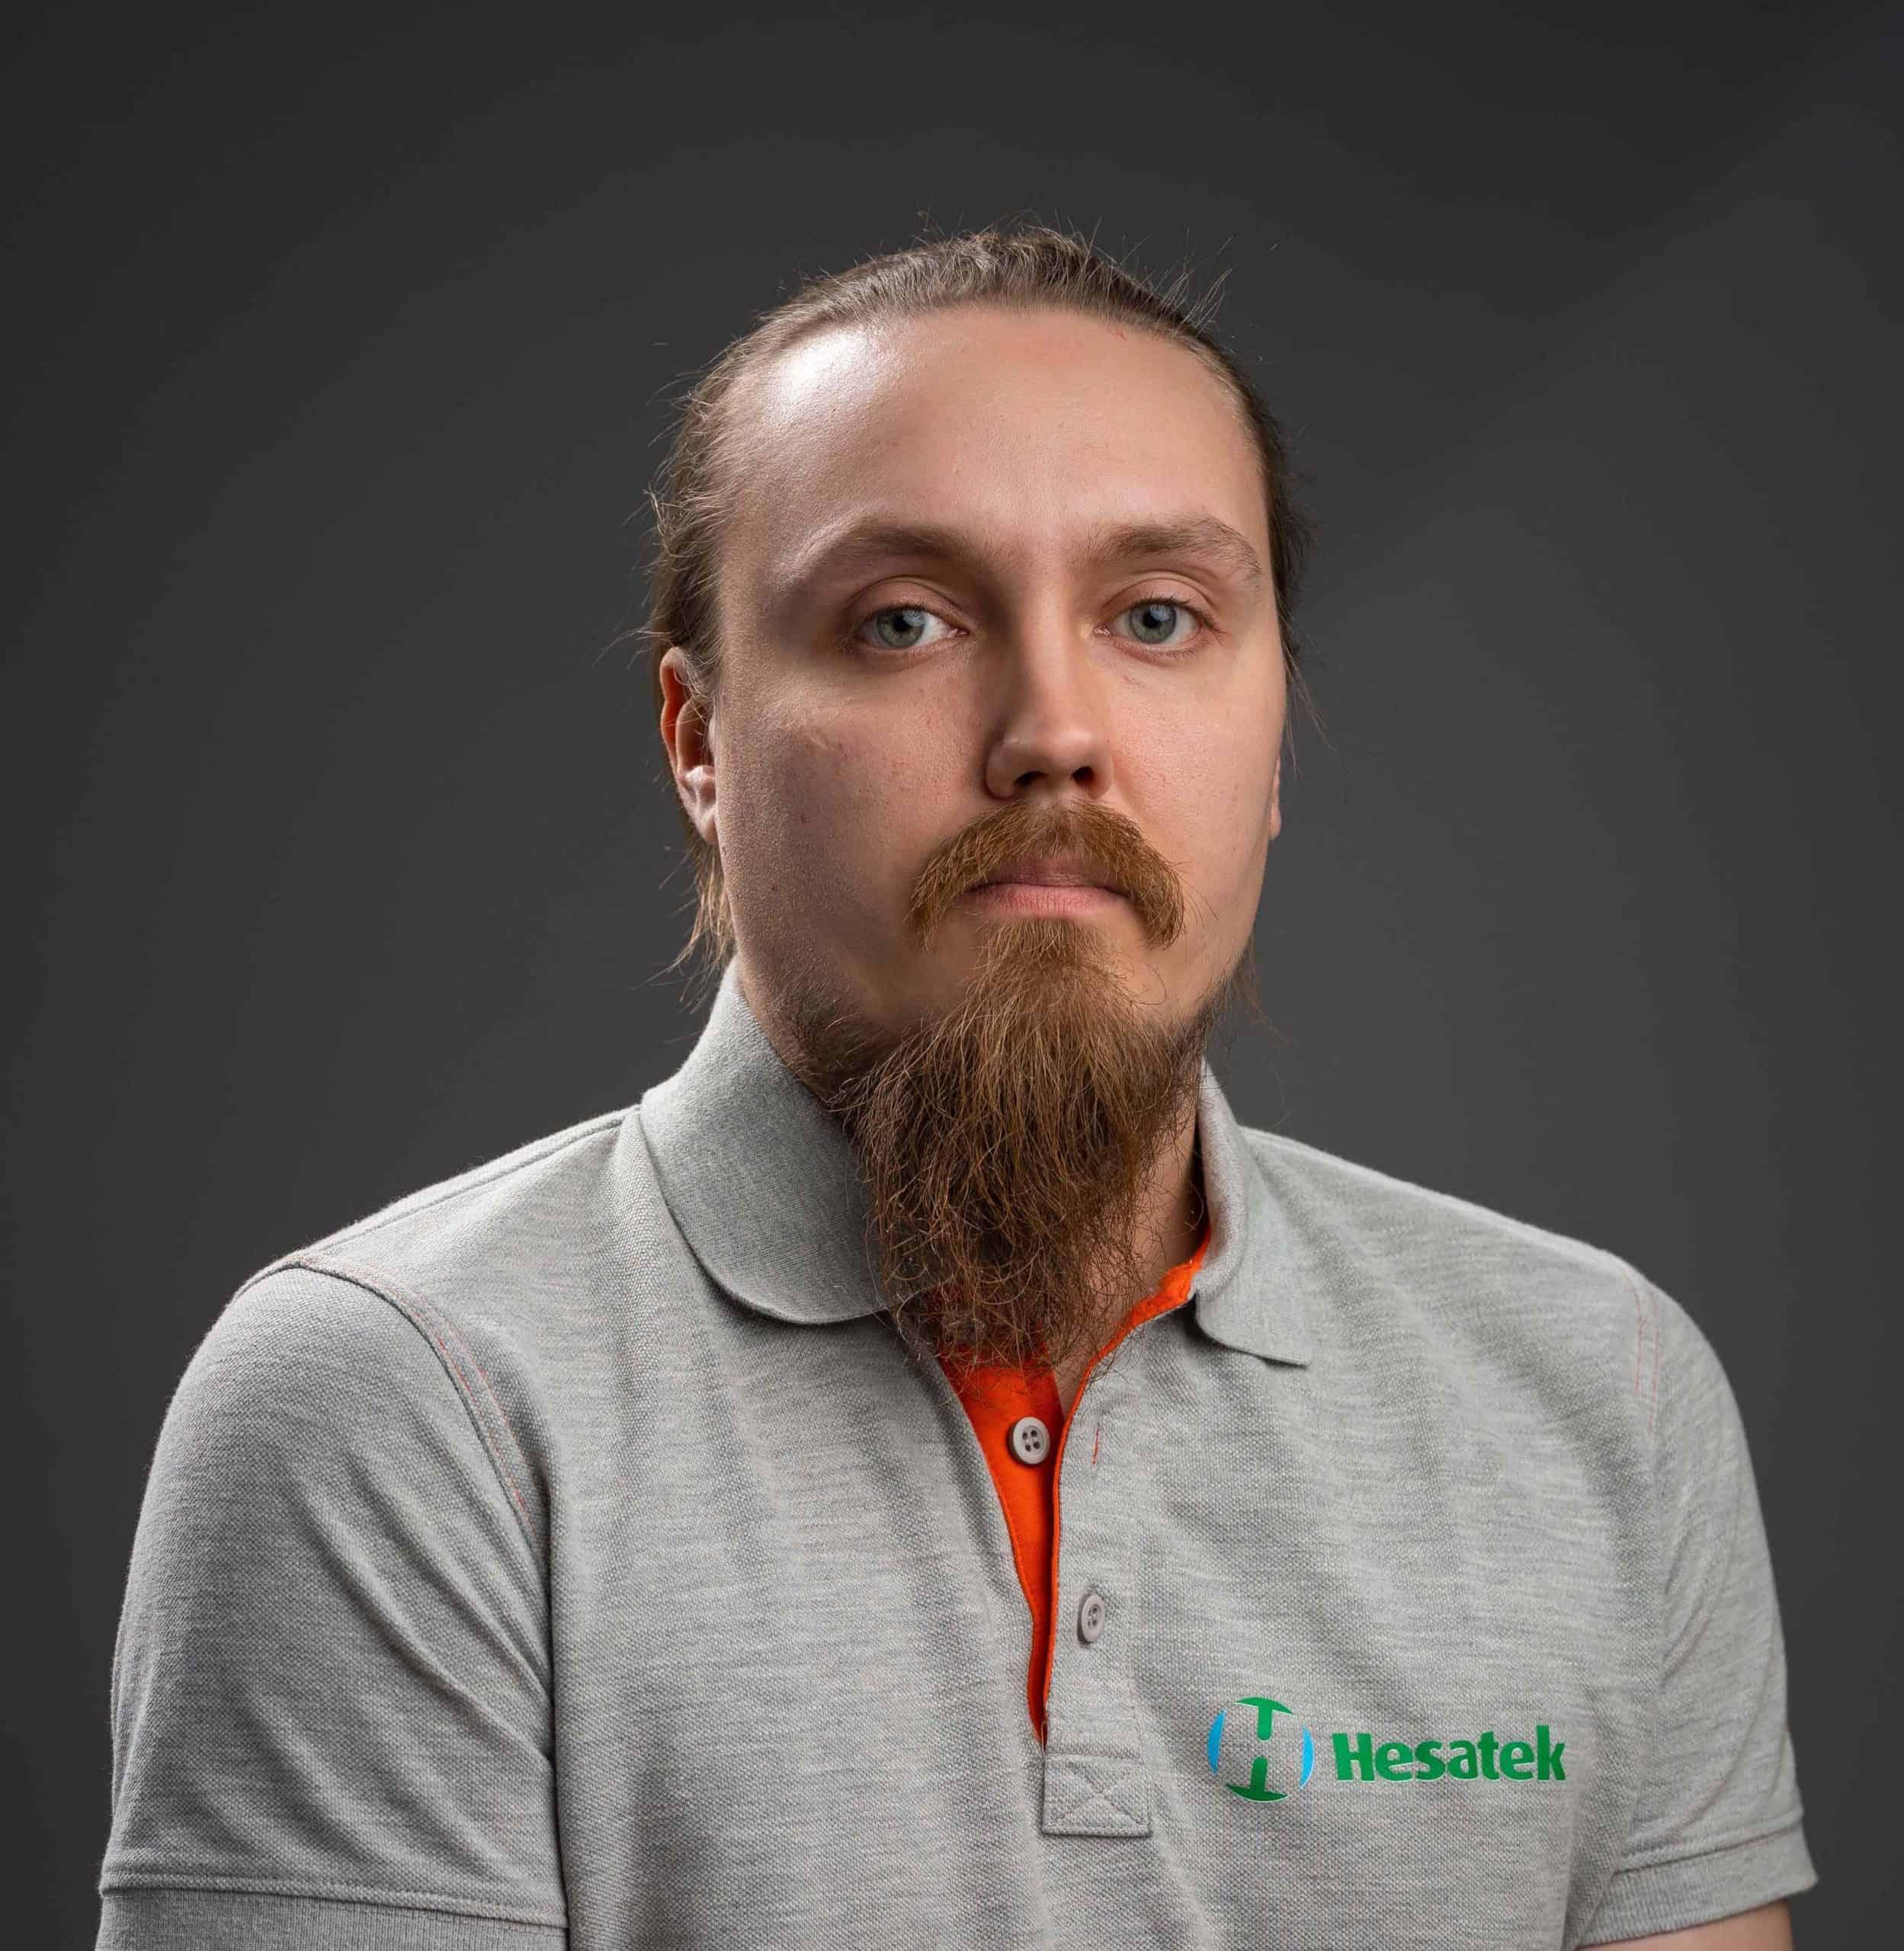 Hesatek Oy Risto-Matti Korhonen